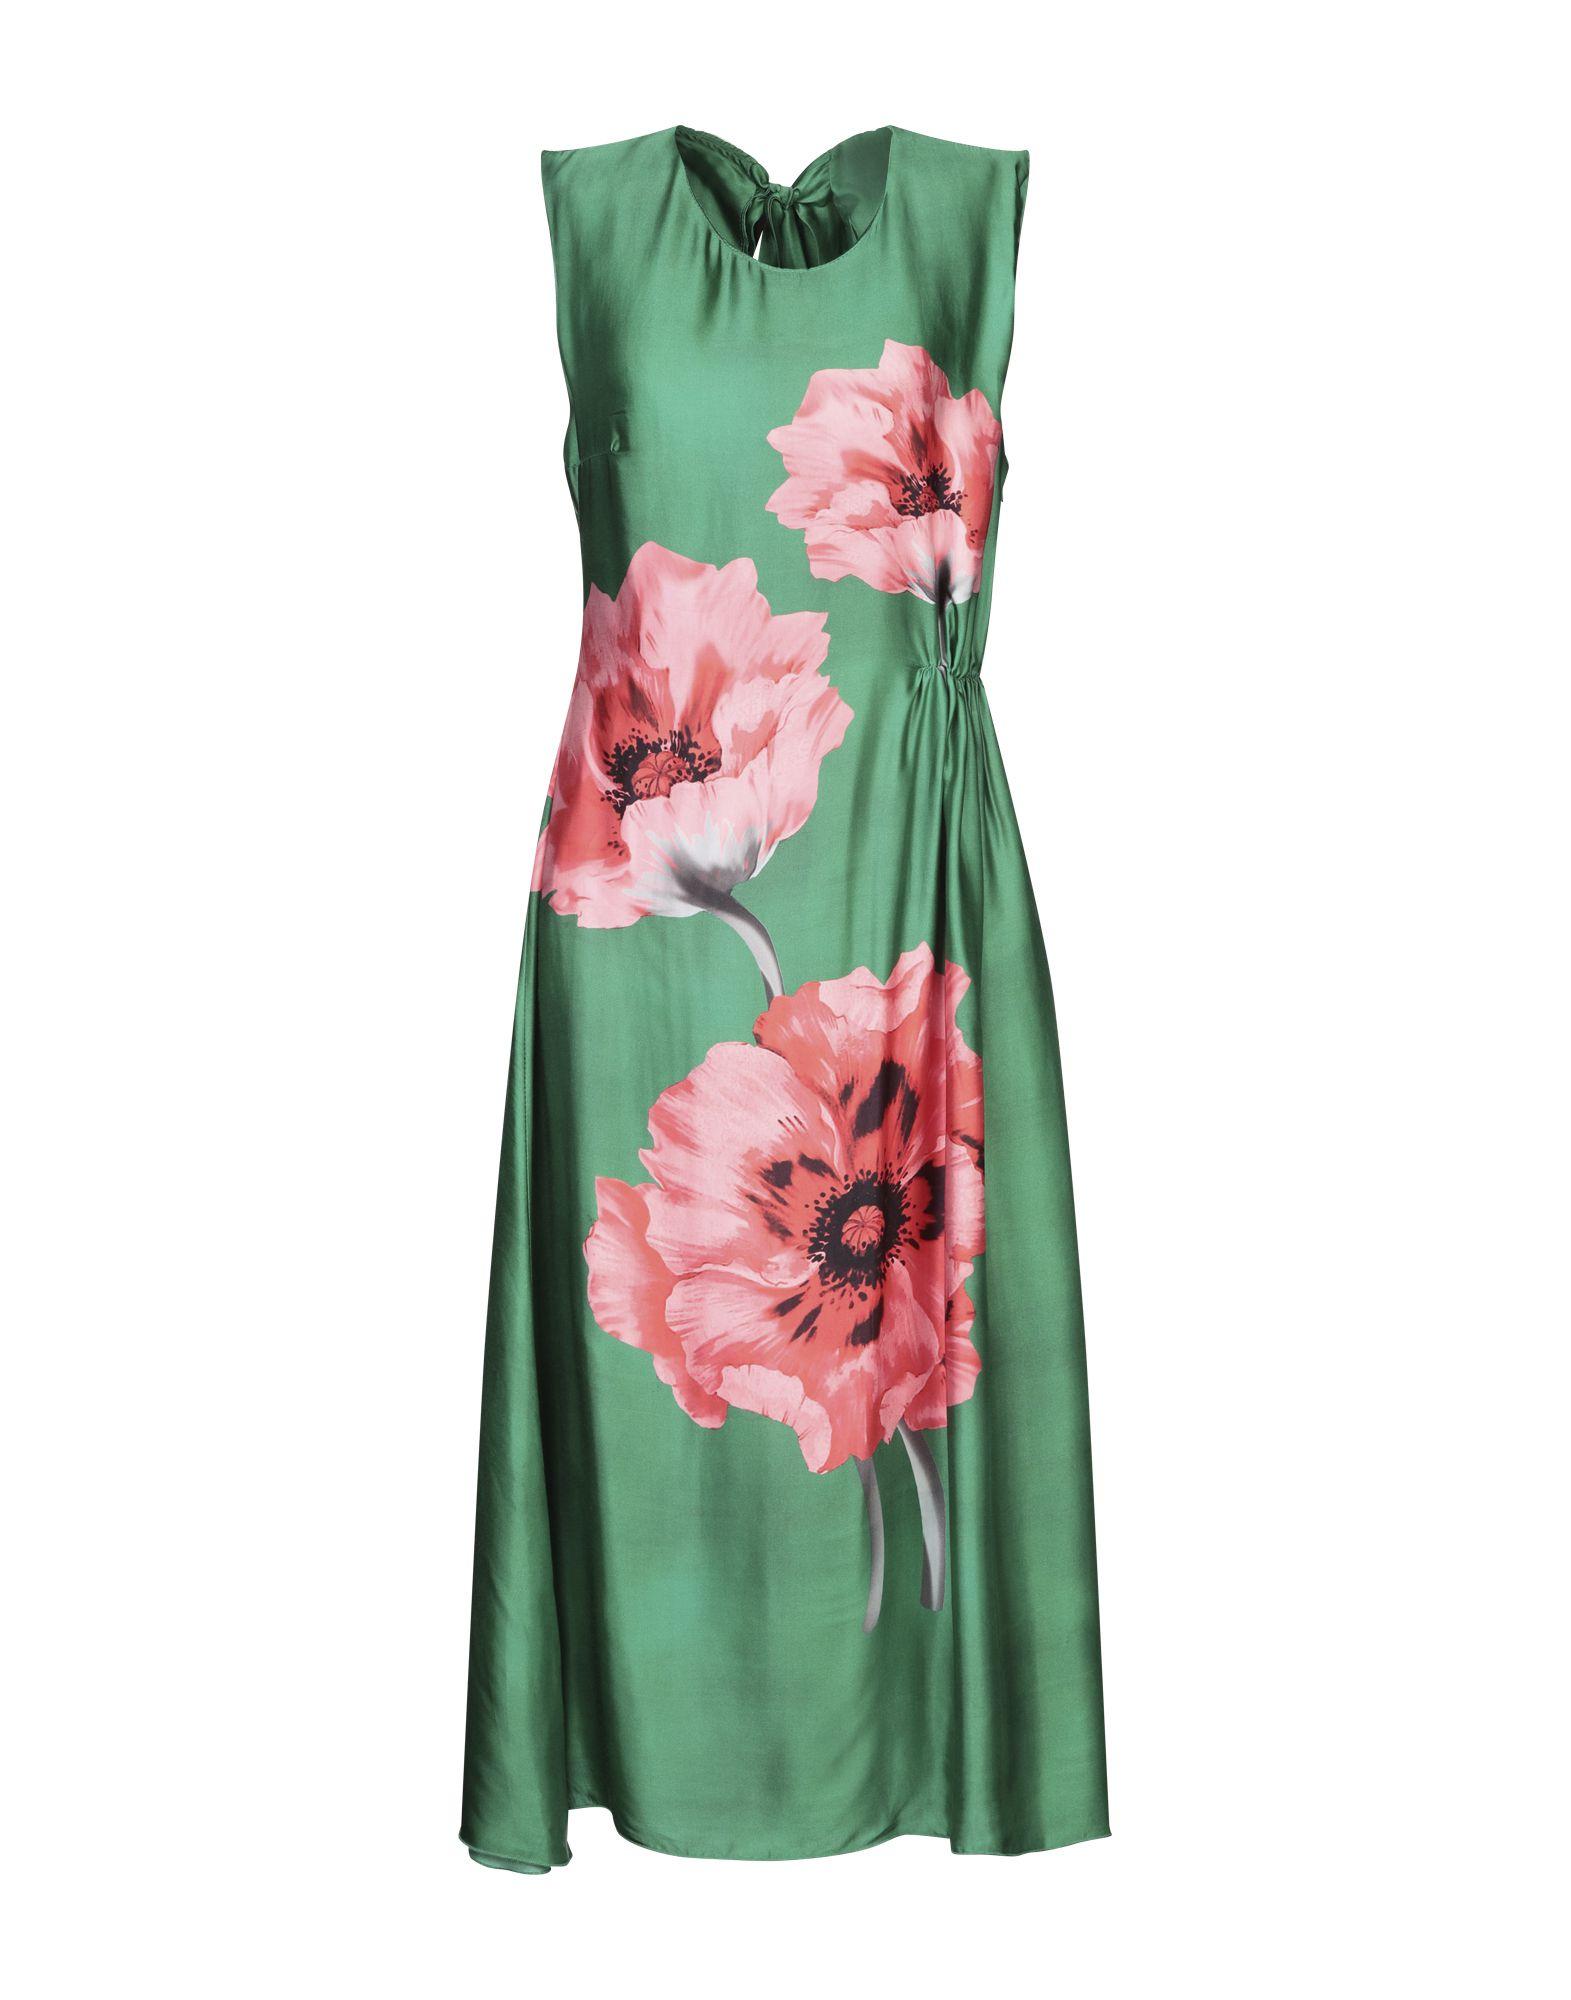 SISTE' S Платье длиной 3/4 цена и фото